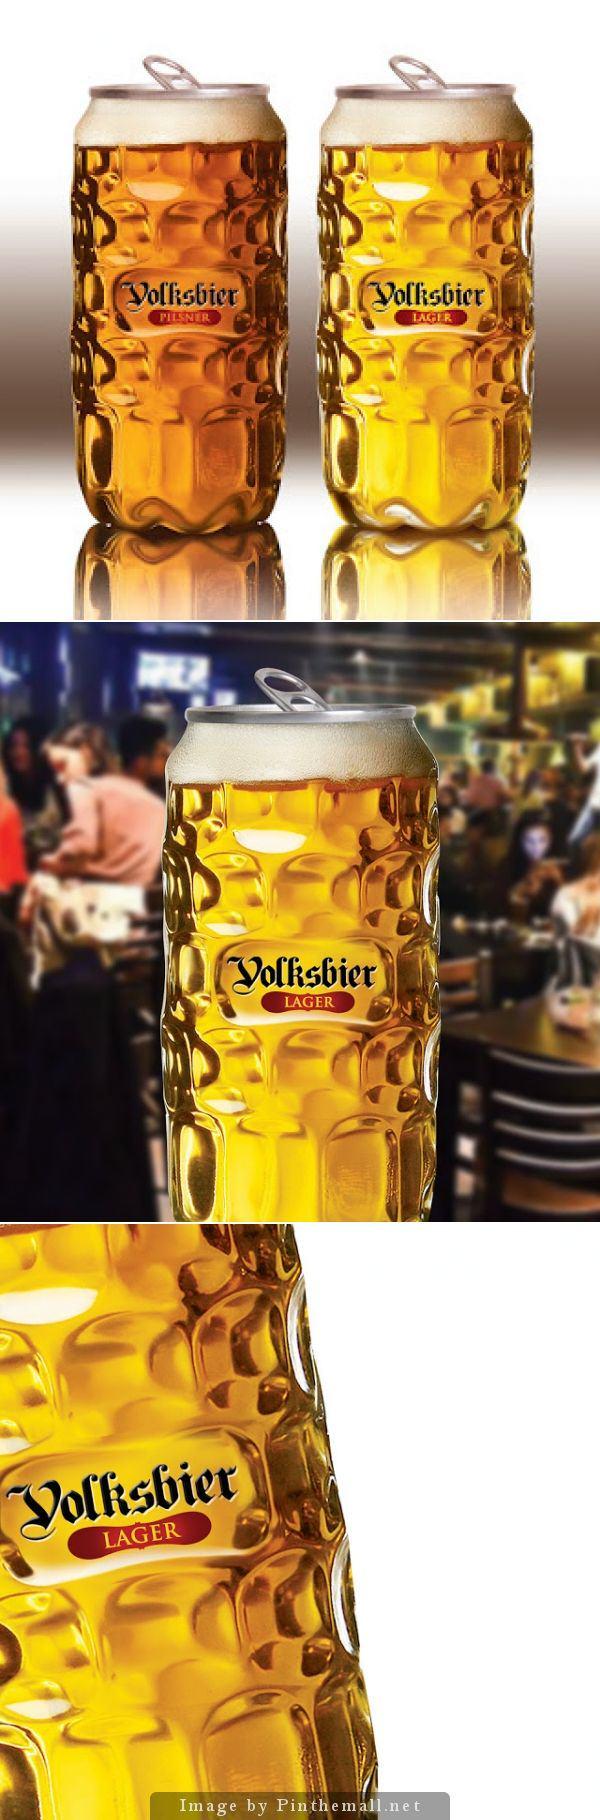 Lata de cerveza que representa su consumo en vaso